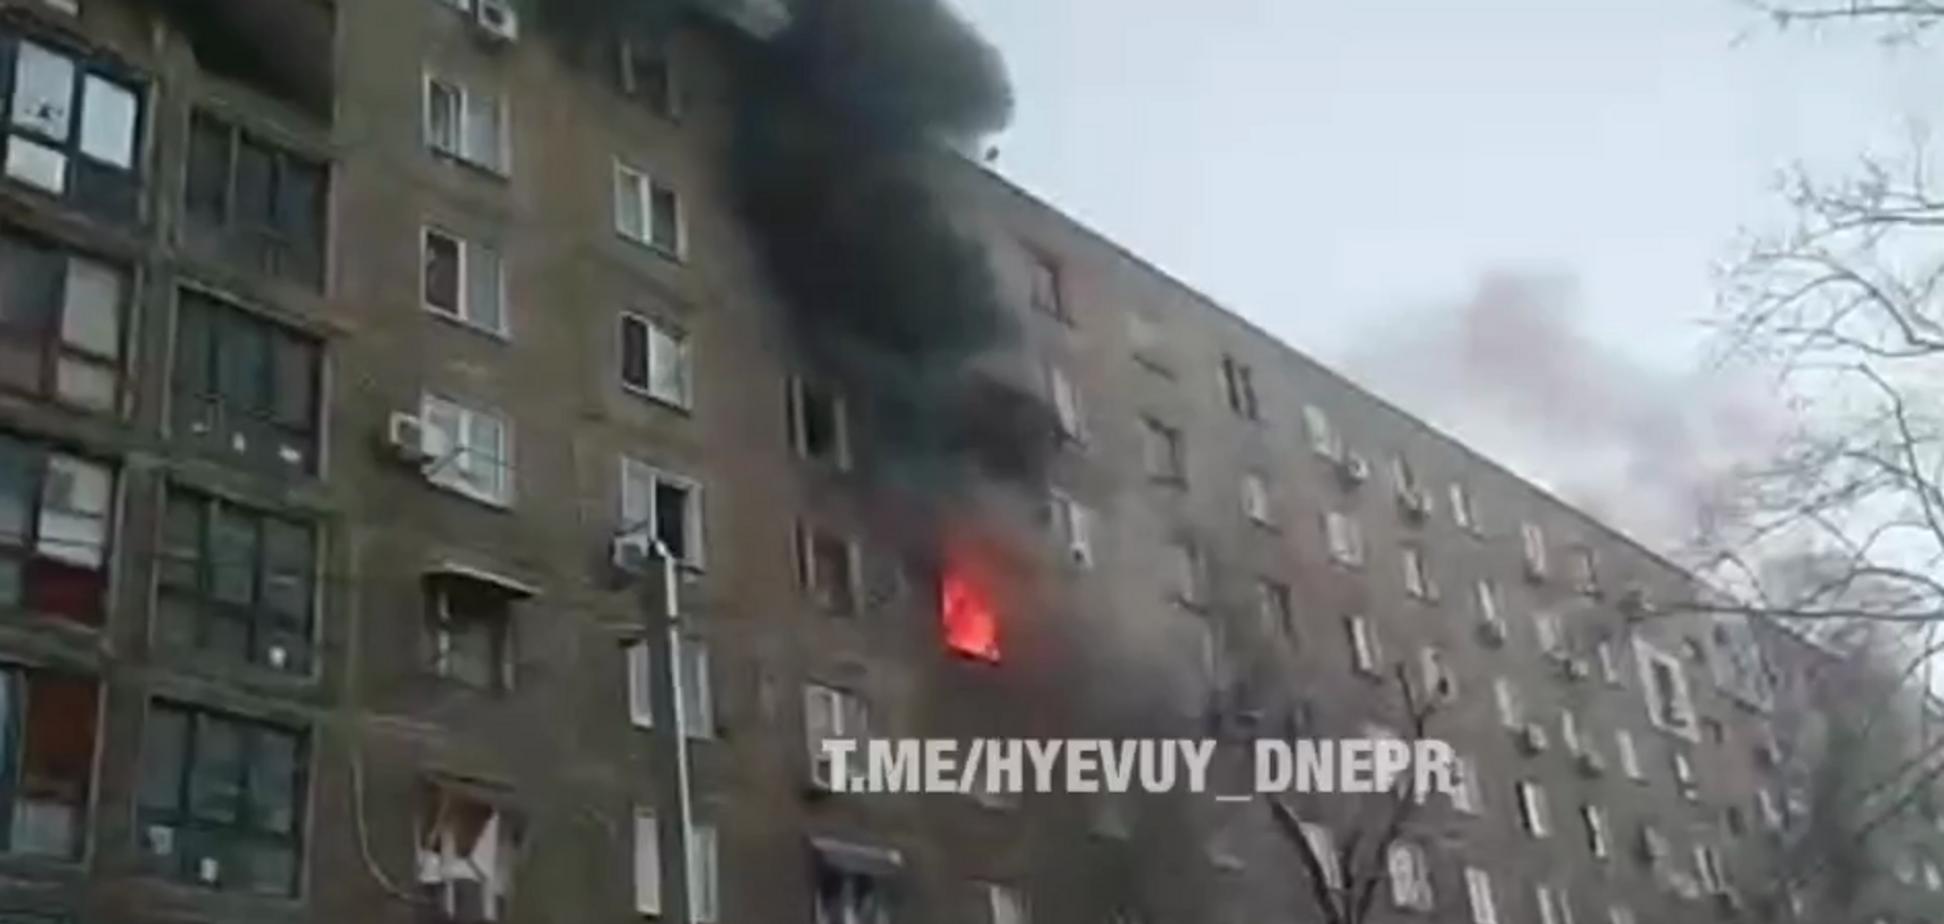 Горит весь этаж! В Днепре загорелась многоэтажка. Видео